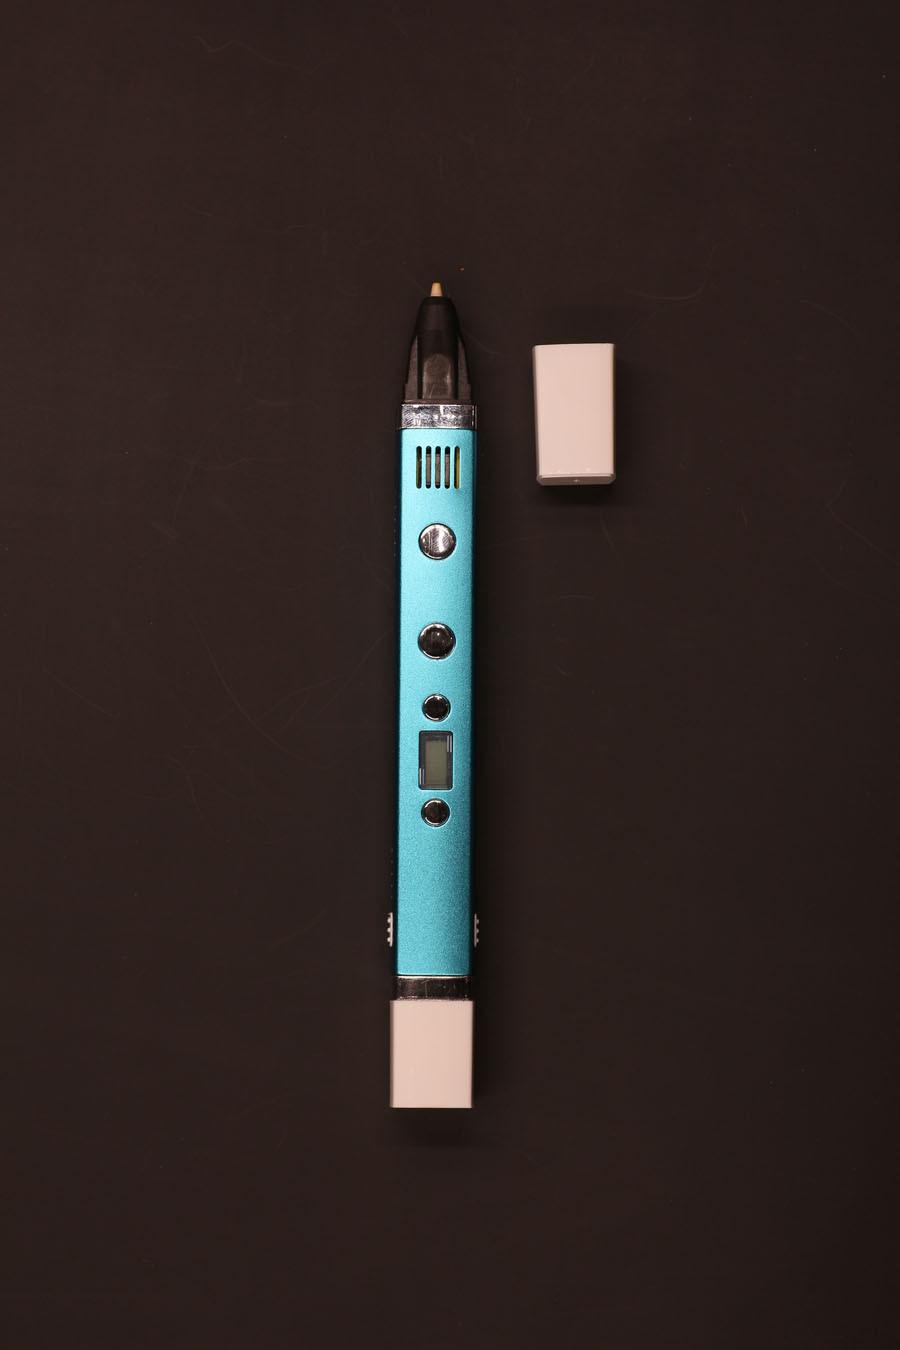 HTB1FS7.KpXXXXahXFXXq6xXFXXXE - MR RB-100C Add 100 Meter 20 Color ABS Filaments 3D Pen 1.75mm ABS/PLA Children Best Intelligence Education Gifts 3D Doodle Pen